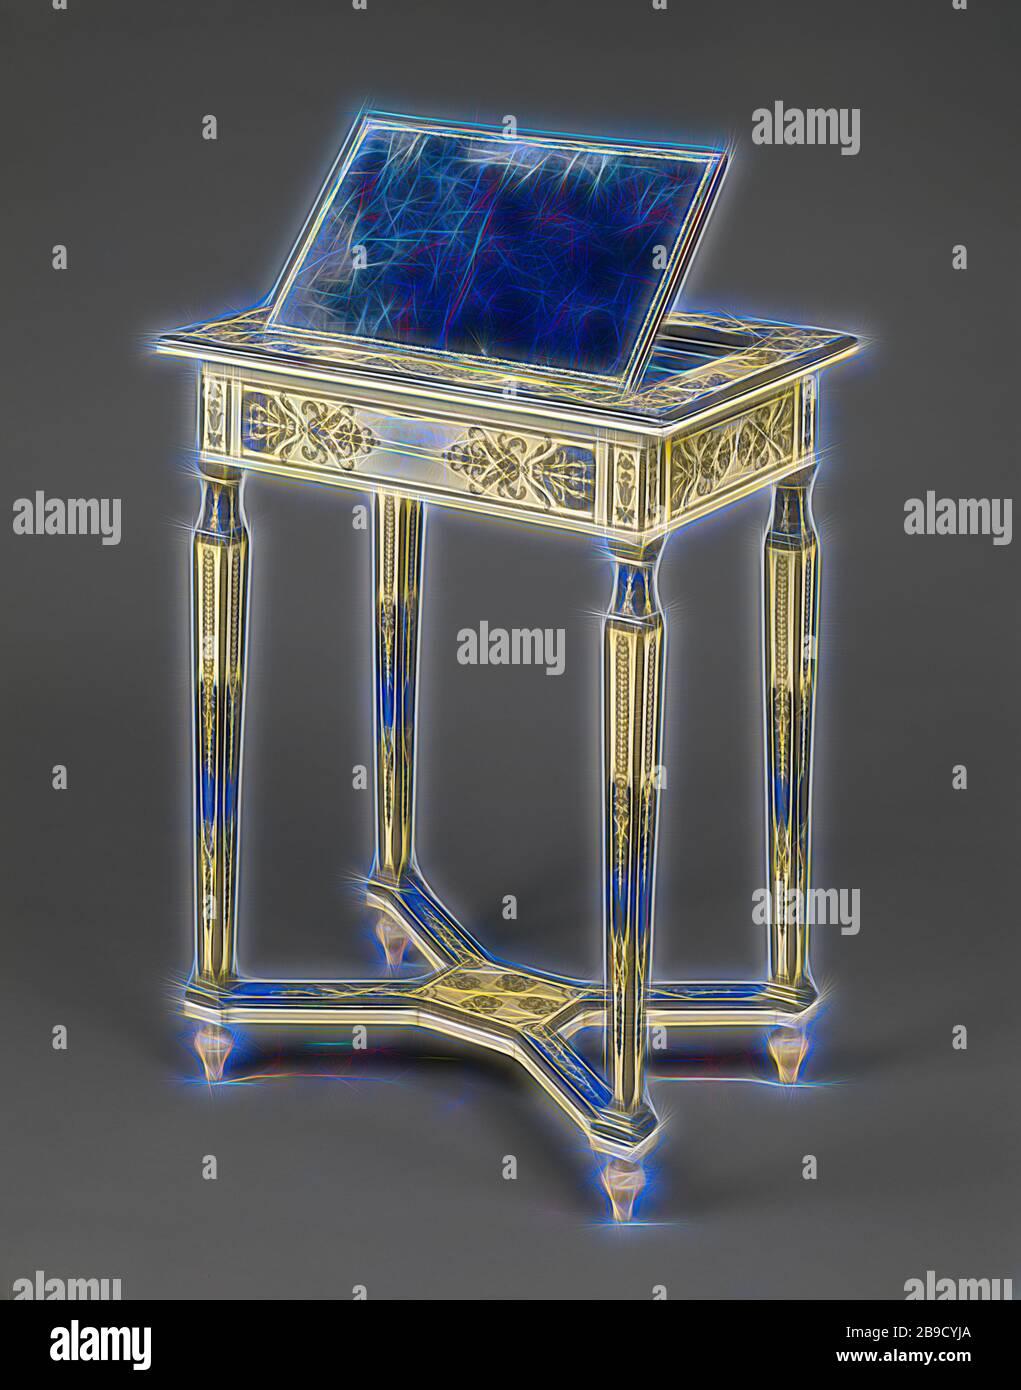 Table de lecture et d'écriture, Paris, France, vers 1670 - 1675, chêne avec ivoire, corne peinte en bleu, ébène, bois de rose, Et amarante, avec tiroir en noyer, moulures en bronze doré, laiton, fer, velours moderne, 63,5 x 48,5 x 35,5 cm (25 x 19 1,8 x 14 po, repensée par Gibon, design de brillant gai chaud de luminosité et de rayonnement de lumière. L'art classique réinventé avec une touche moderne. La photographie inspirée du futurisme, qui embrasse l'énergie dynamique de la technologie moderne, du mouvement, de la vitesse et révolutionne la culture. Banque D'Images